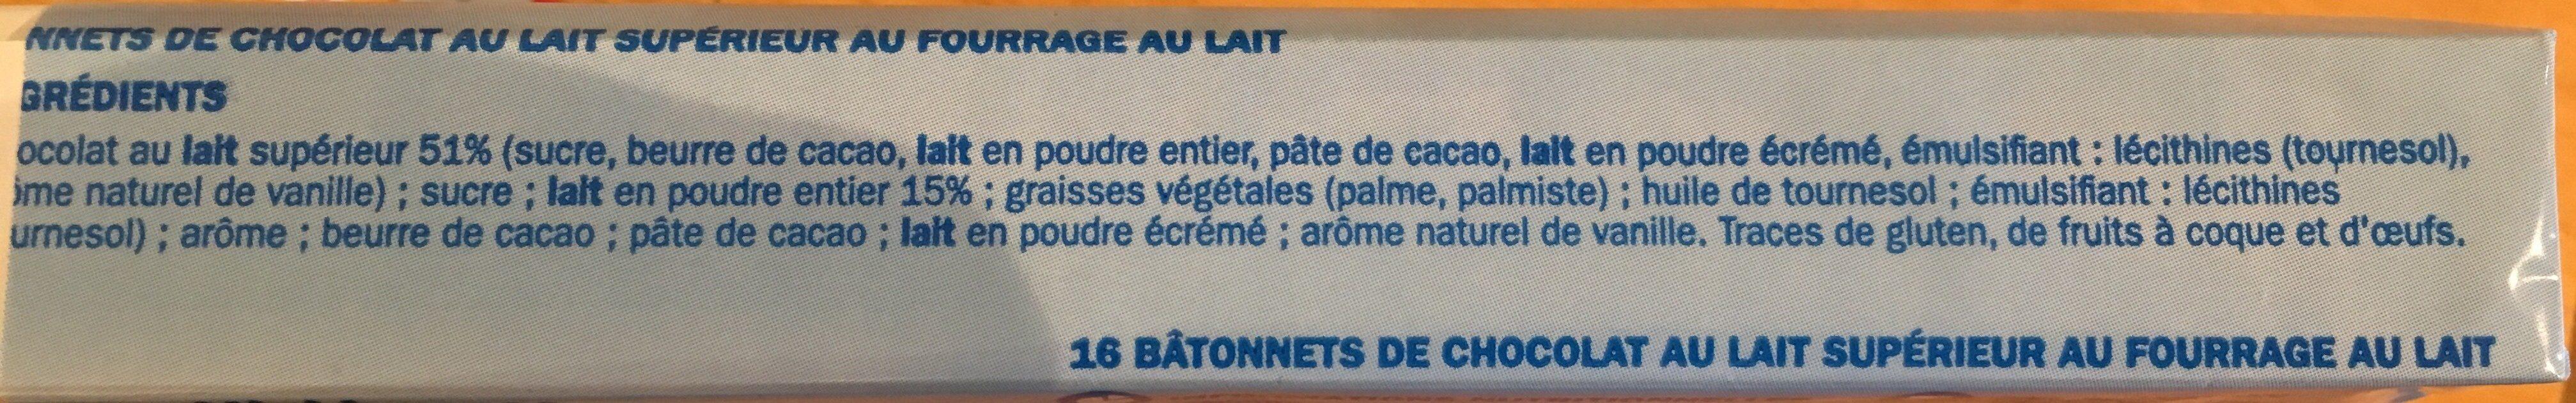 Mini-barres chocolatées fourrées au lait x 16 - Ingrédients - fr